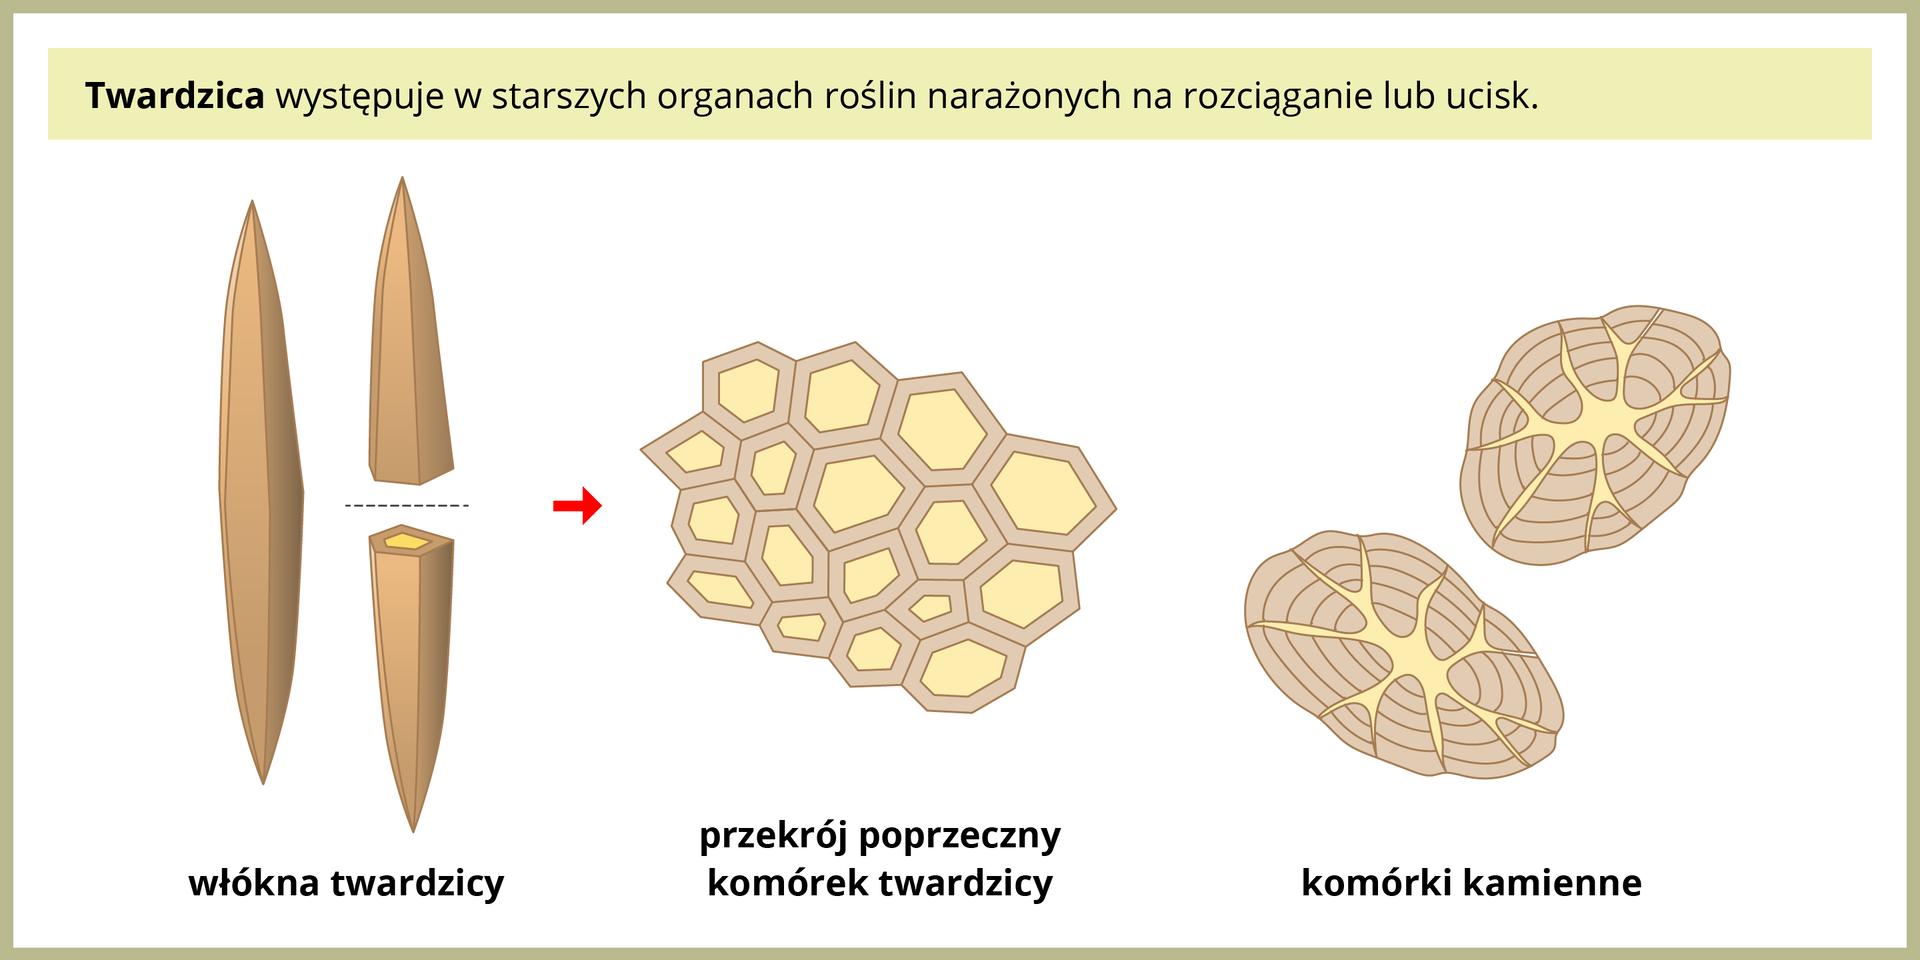 Ilustracja przedstawia po lewej dwa beżowe, wrzecionowate włókna twardzicy. Jedno jest przecięte iobok przedstawiono wygląd tej tkanki na przekroju: ściśle ułożone, wielokątne komórki ogrubych ścianach. Po prawej przedstawiono dwie owalne komórki kamienne. Mają one bardzo grube ściany, składające się zkilku warstw.